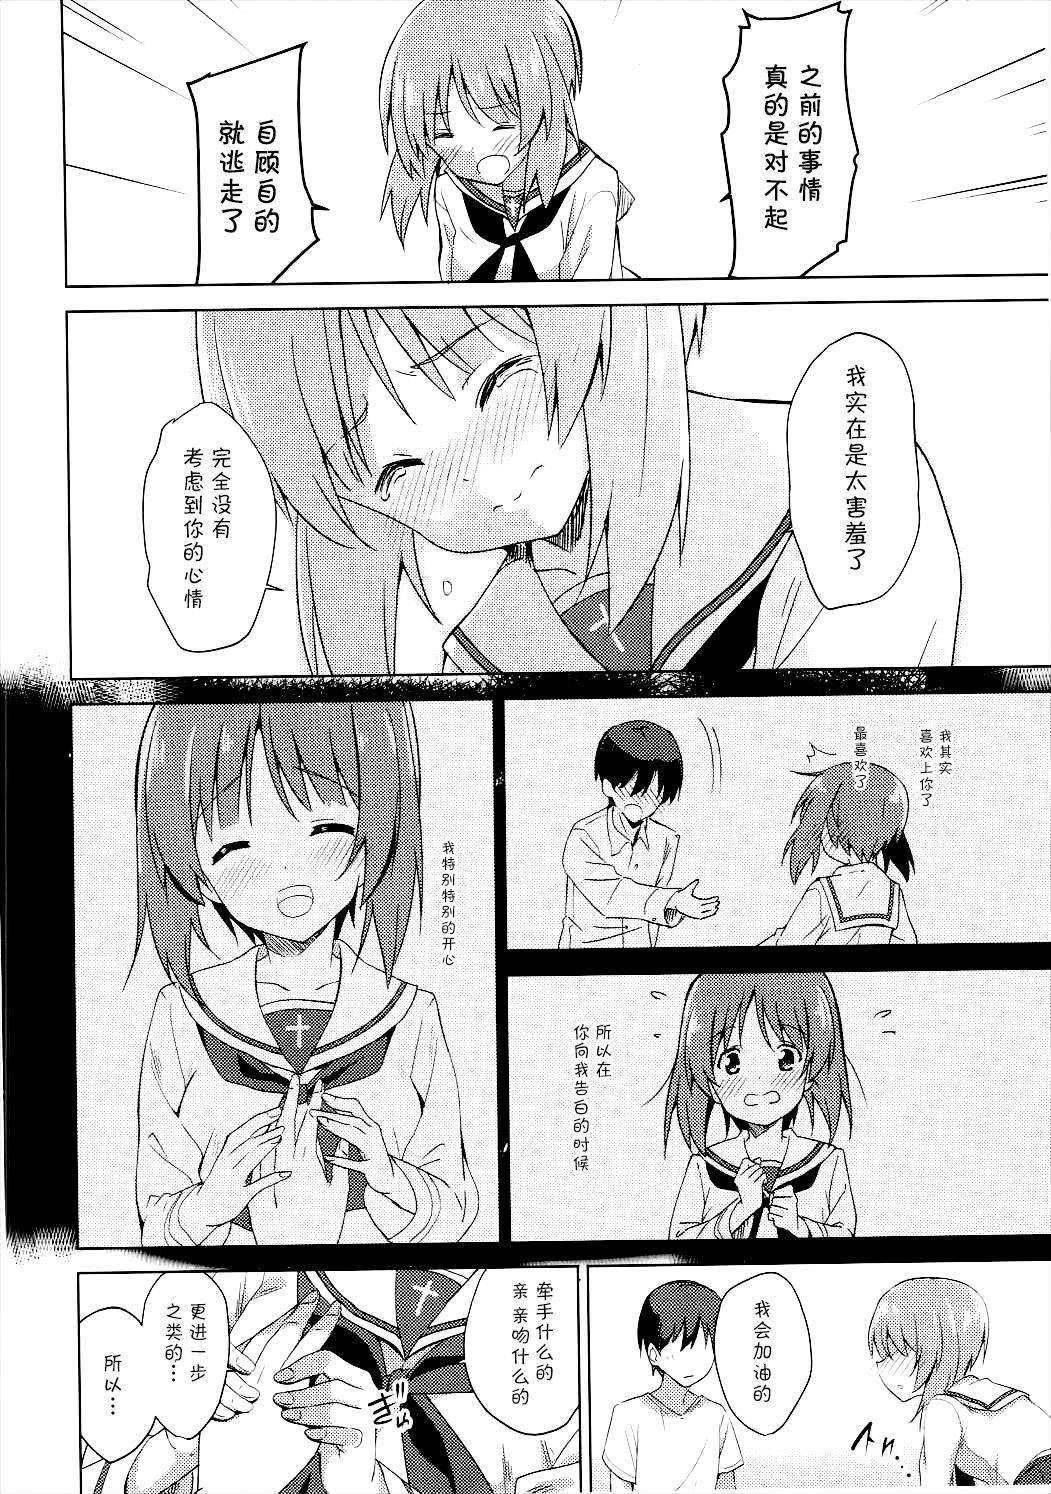 Watashi, Motto Ganbarimasu! - I will do my best more! 7